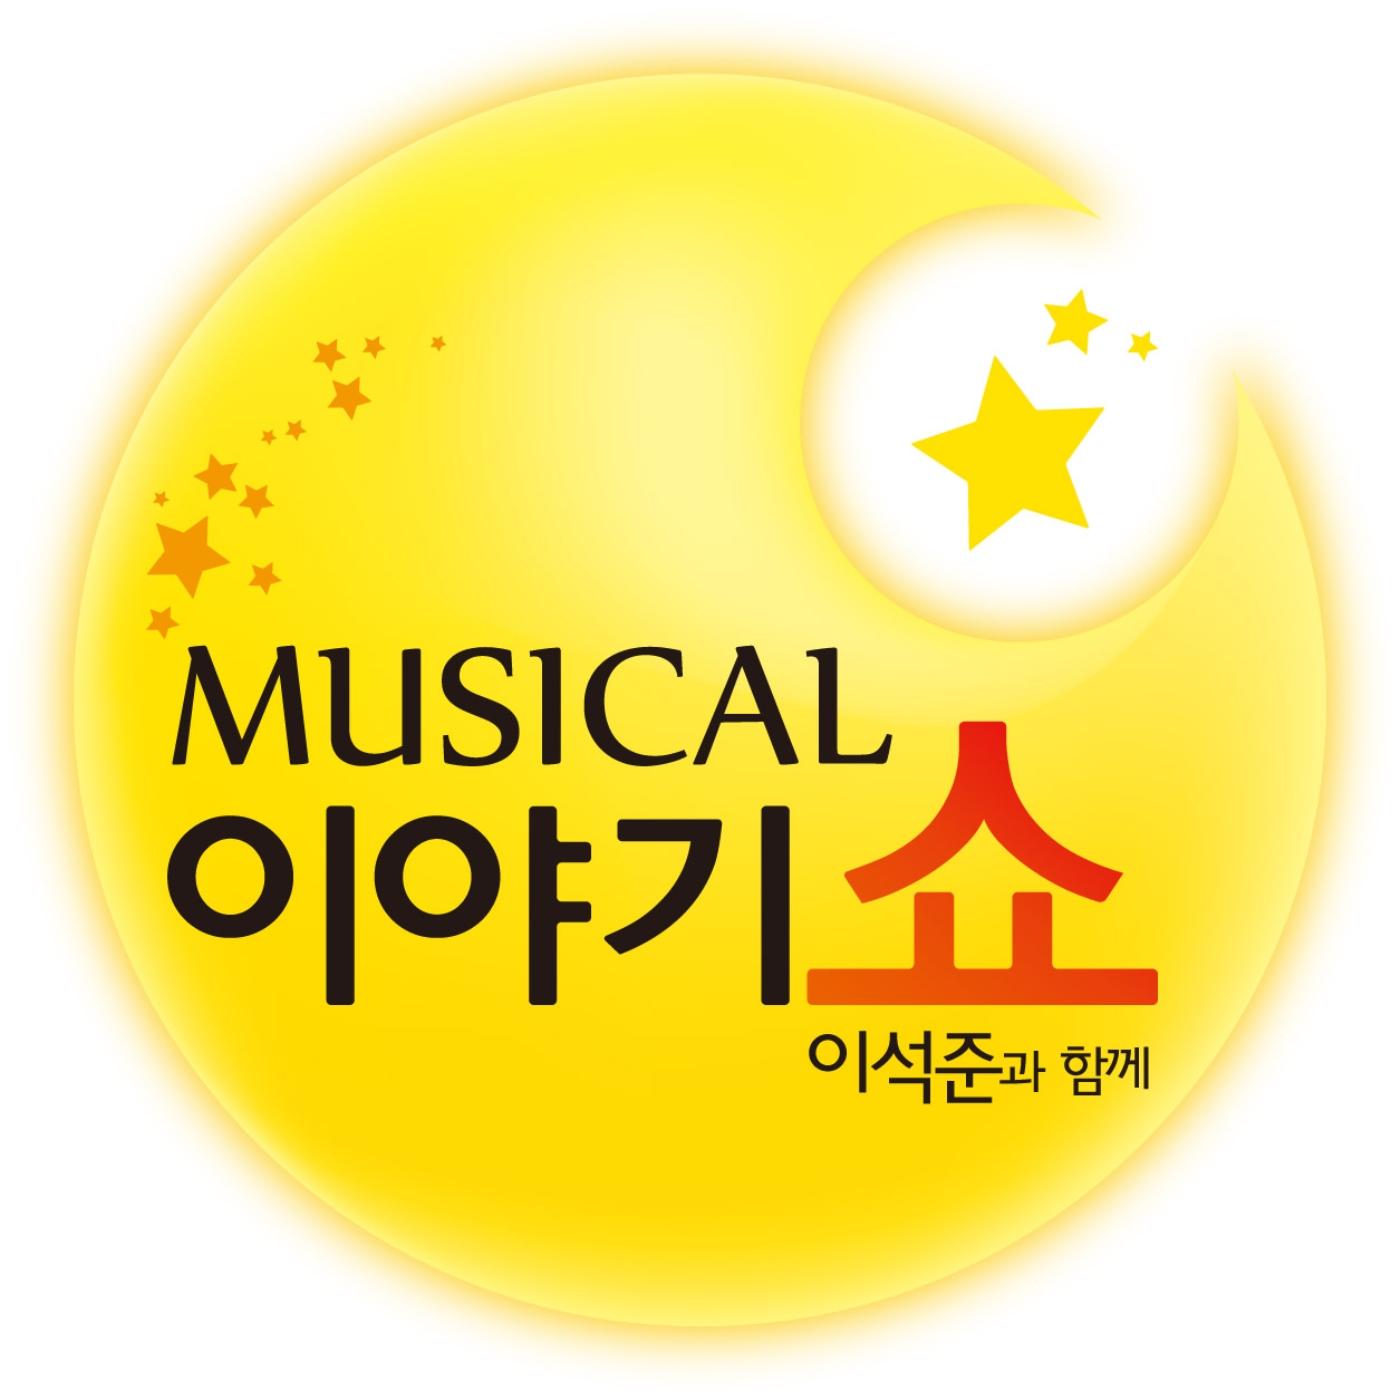 뮤지컬 이야기쇼 이석준과 함께 시즌2